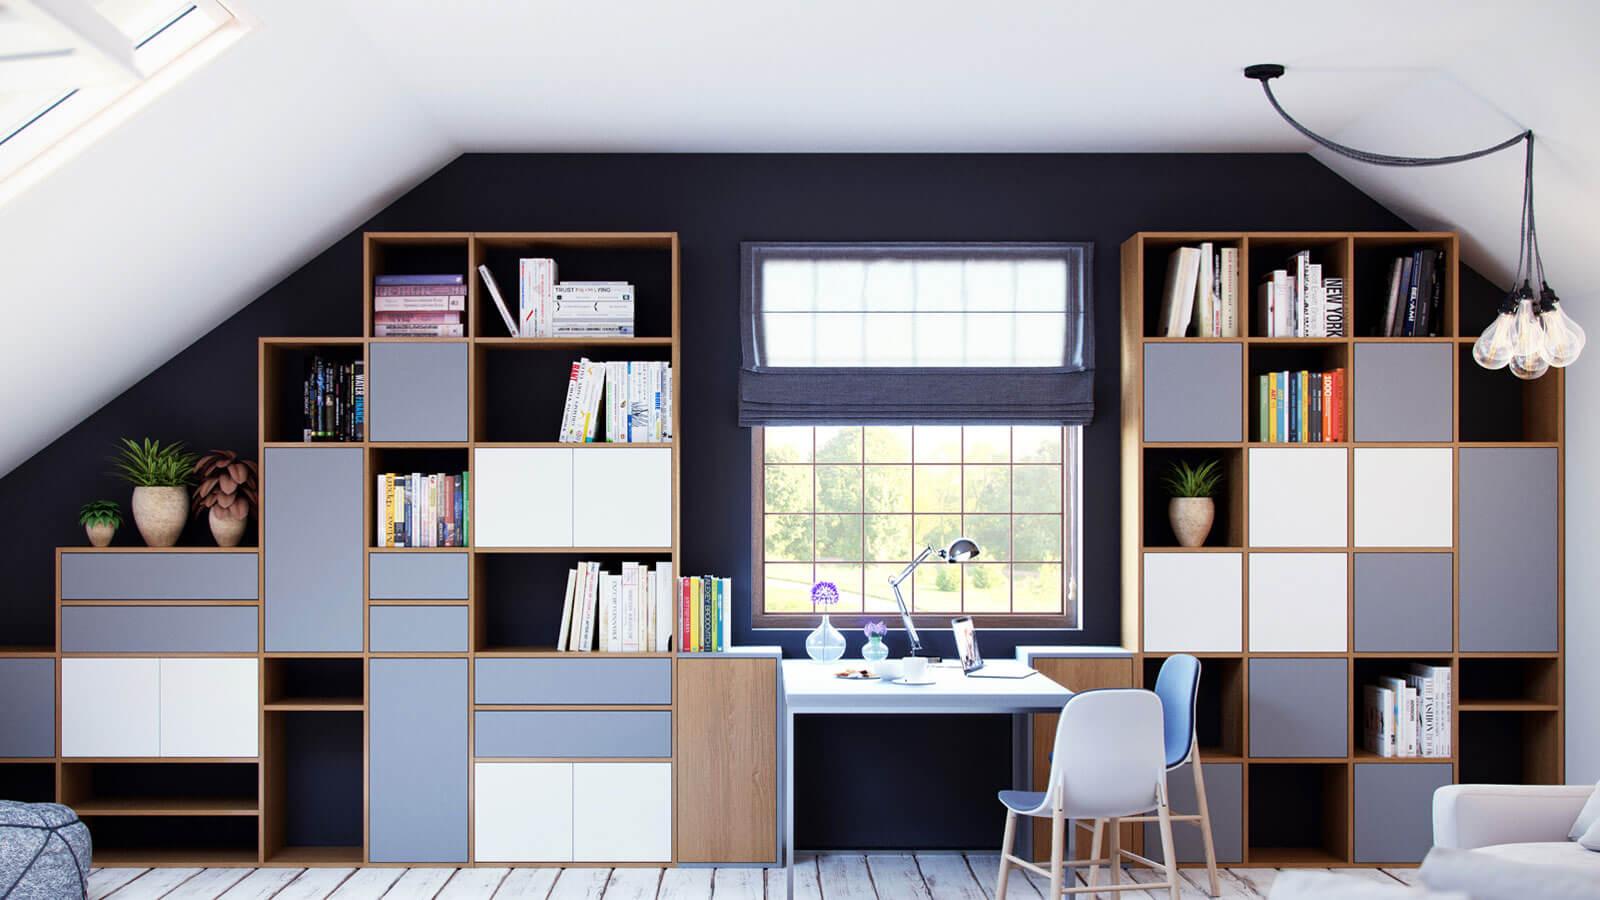 schrank f r dachschr ge selbst gestalten schr nke bei mycs. Black Bedroom Furniture Sets. Home Design Ideas